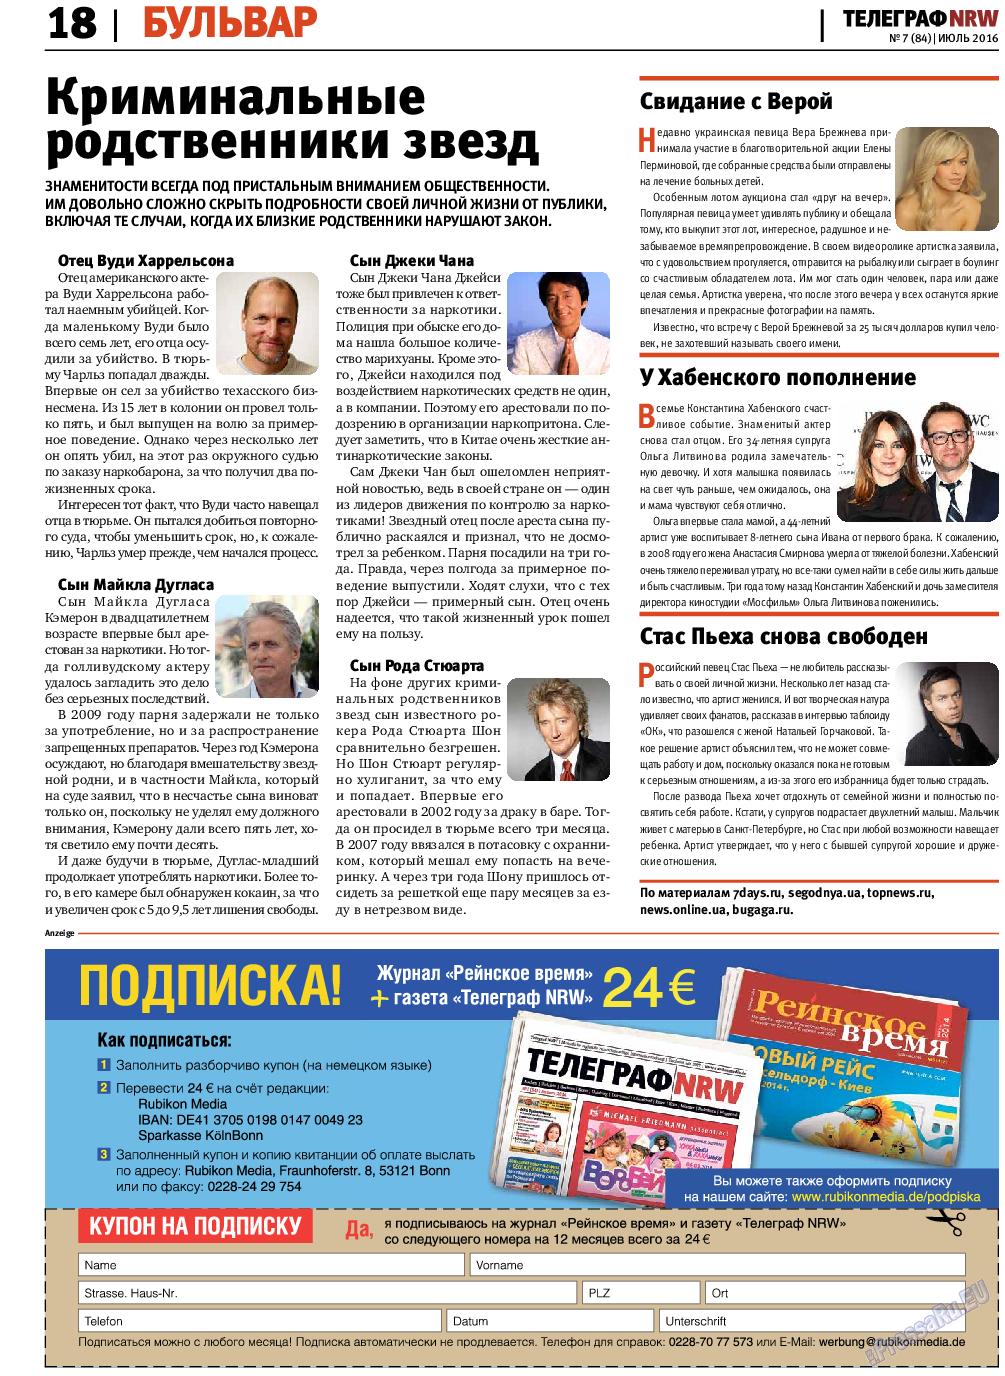 Телеграф NRW (газета). 2016 год, номер 7, стр. 18